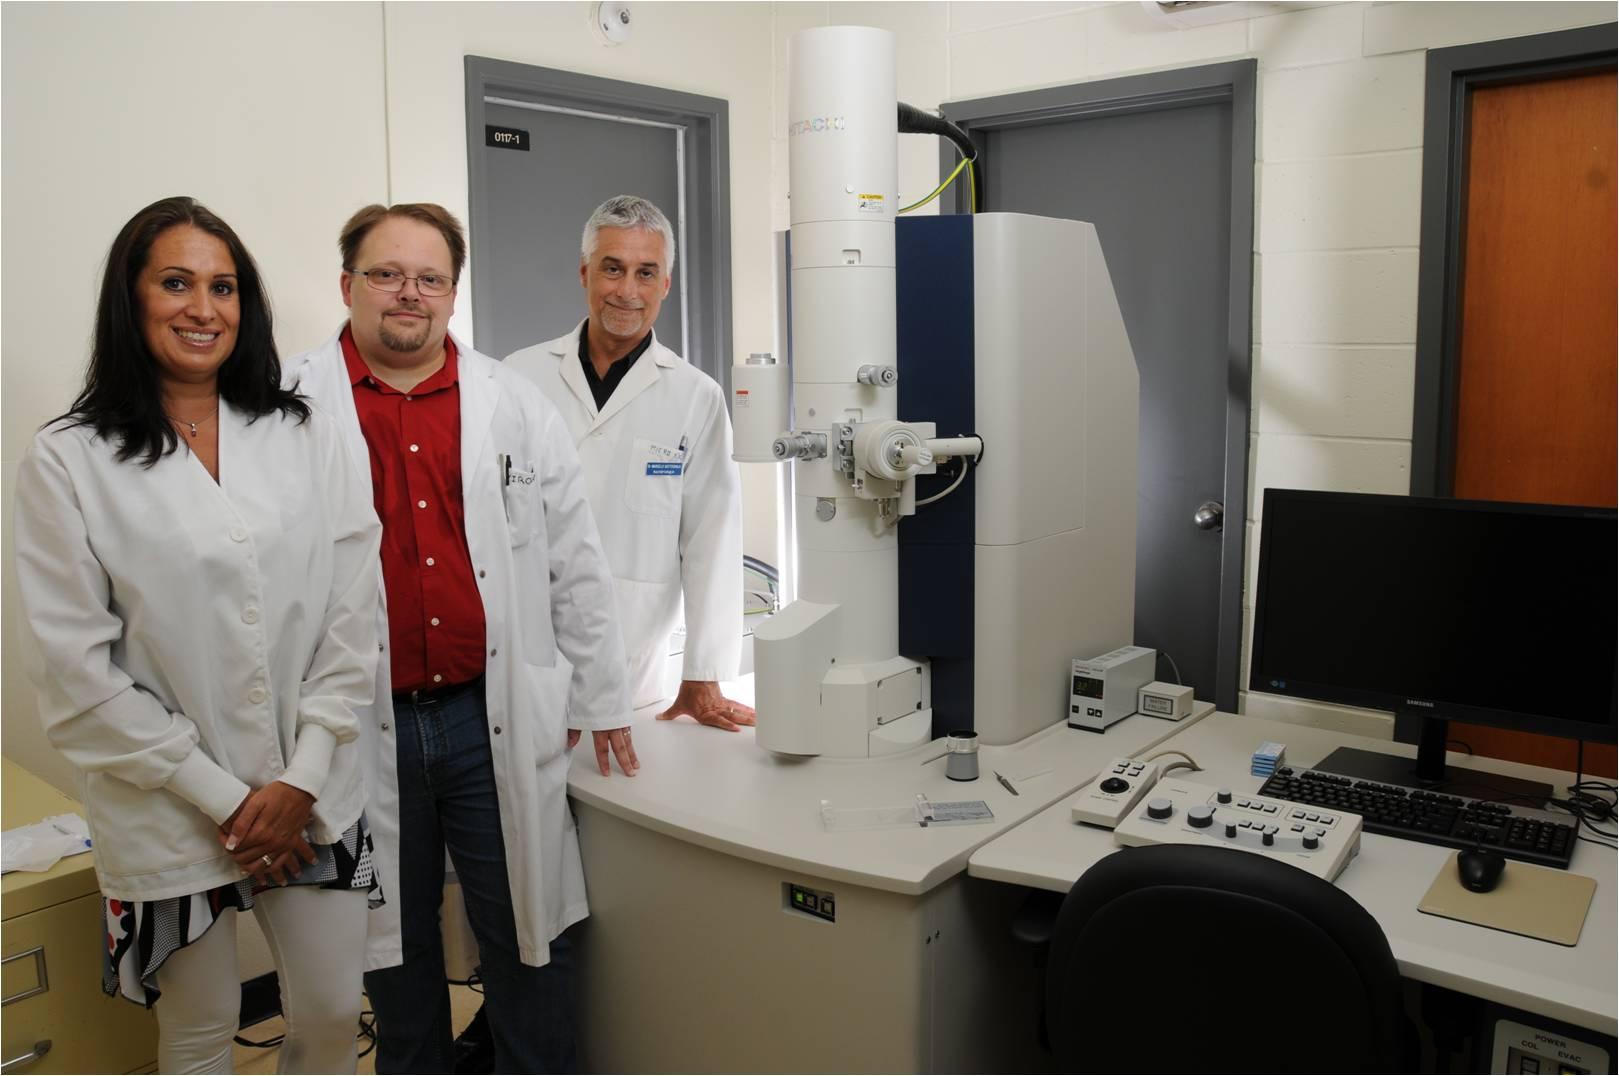 Nouvelle infrastructure de microscopie électronique à transmission (Laboratoire de pathogenèse des maladies infectieuses animales (LPMIA); Financement: FCI). De gauche à droite: Mariela Segura, Carl A. Gagnon, Marcelo Gottschalk.